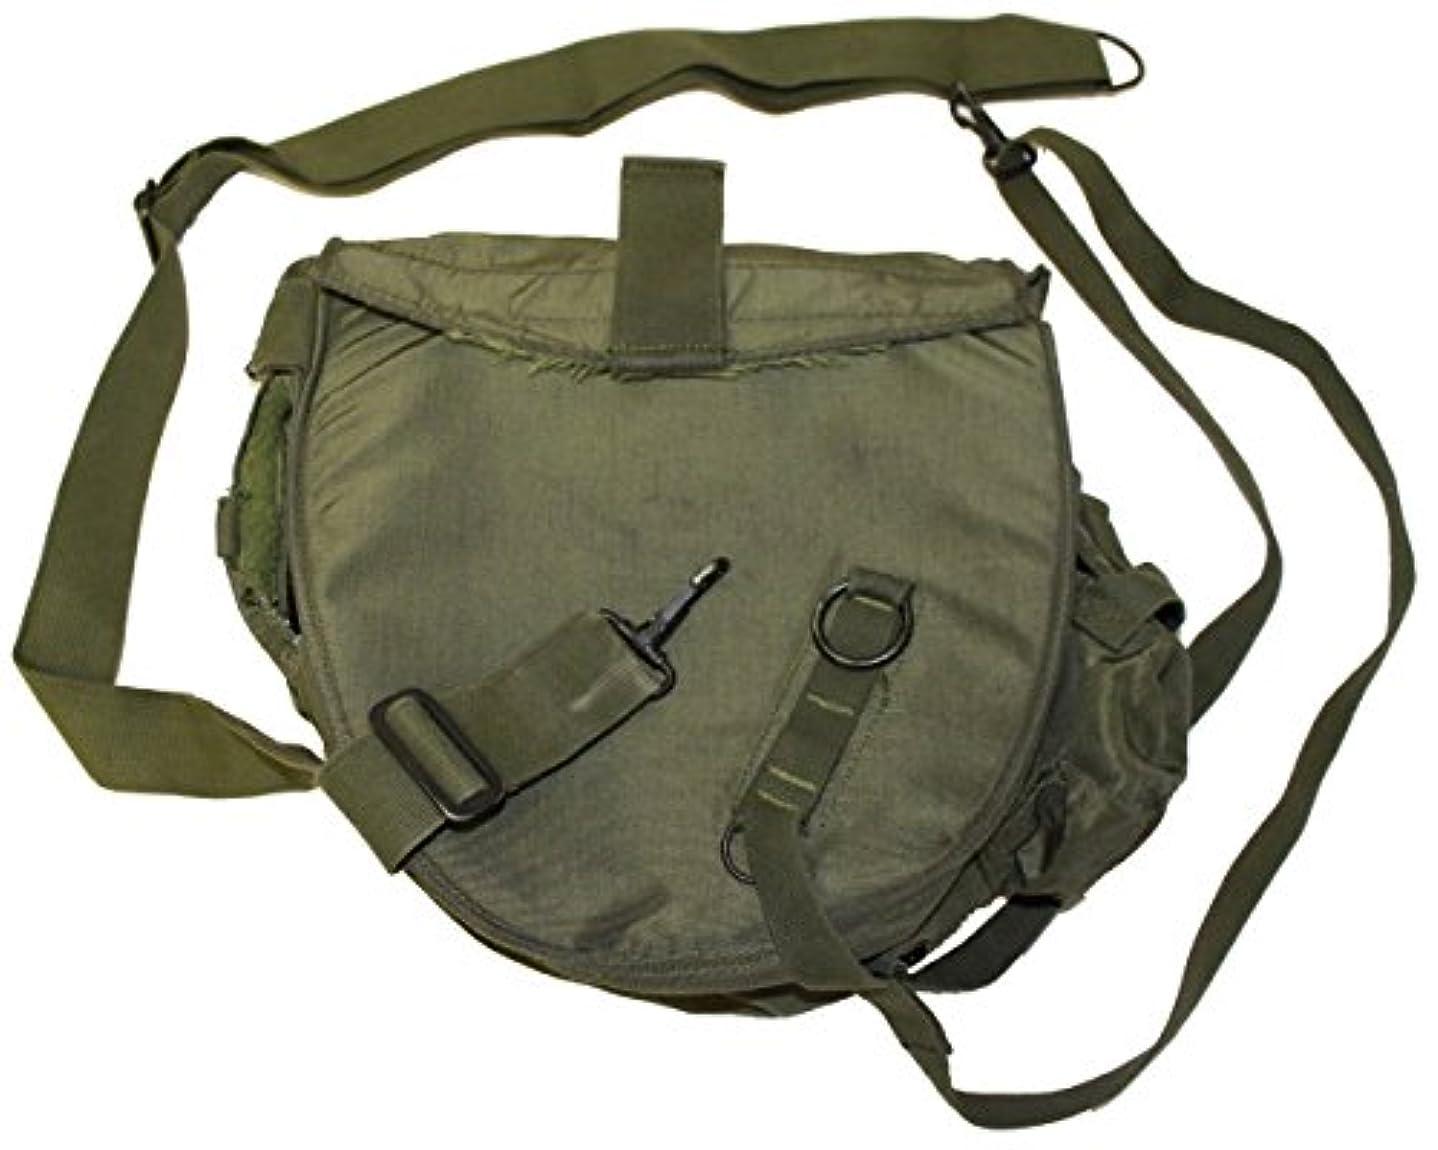 ネクタイうんざり頑固なミリタリーアウトドア服 以前に発行された米国GI OD MCU-2P コーデュラガスマスクバッグ